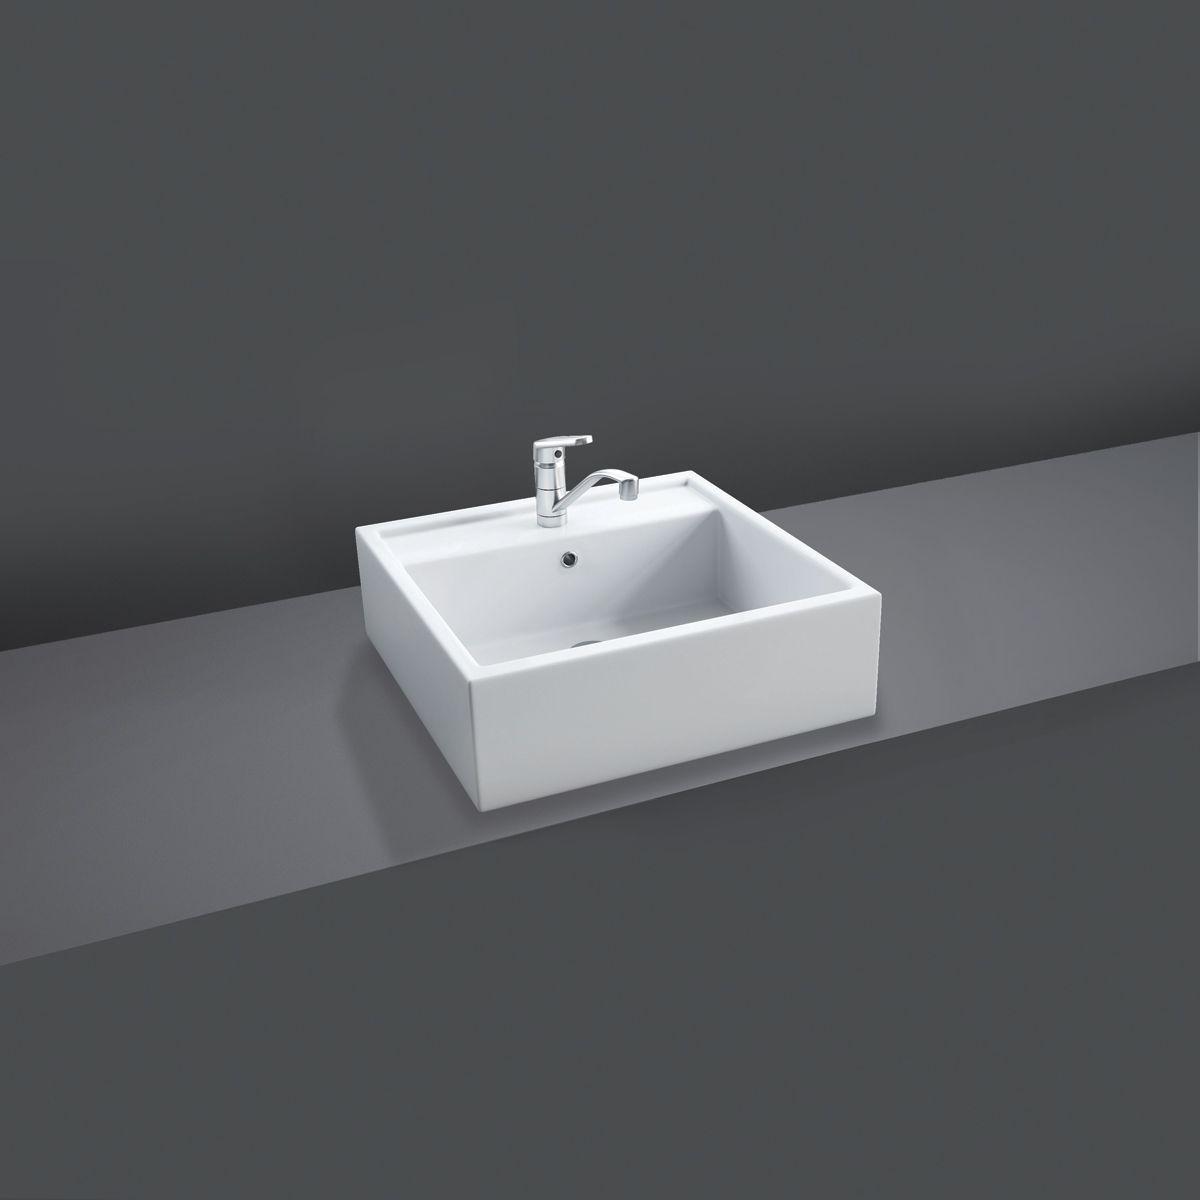 RAK Nova Sit On Basin